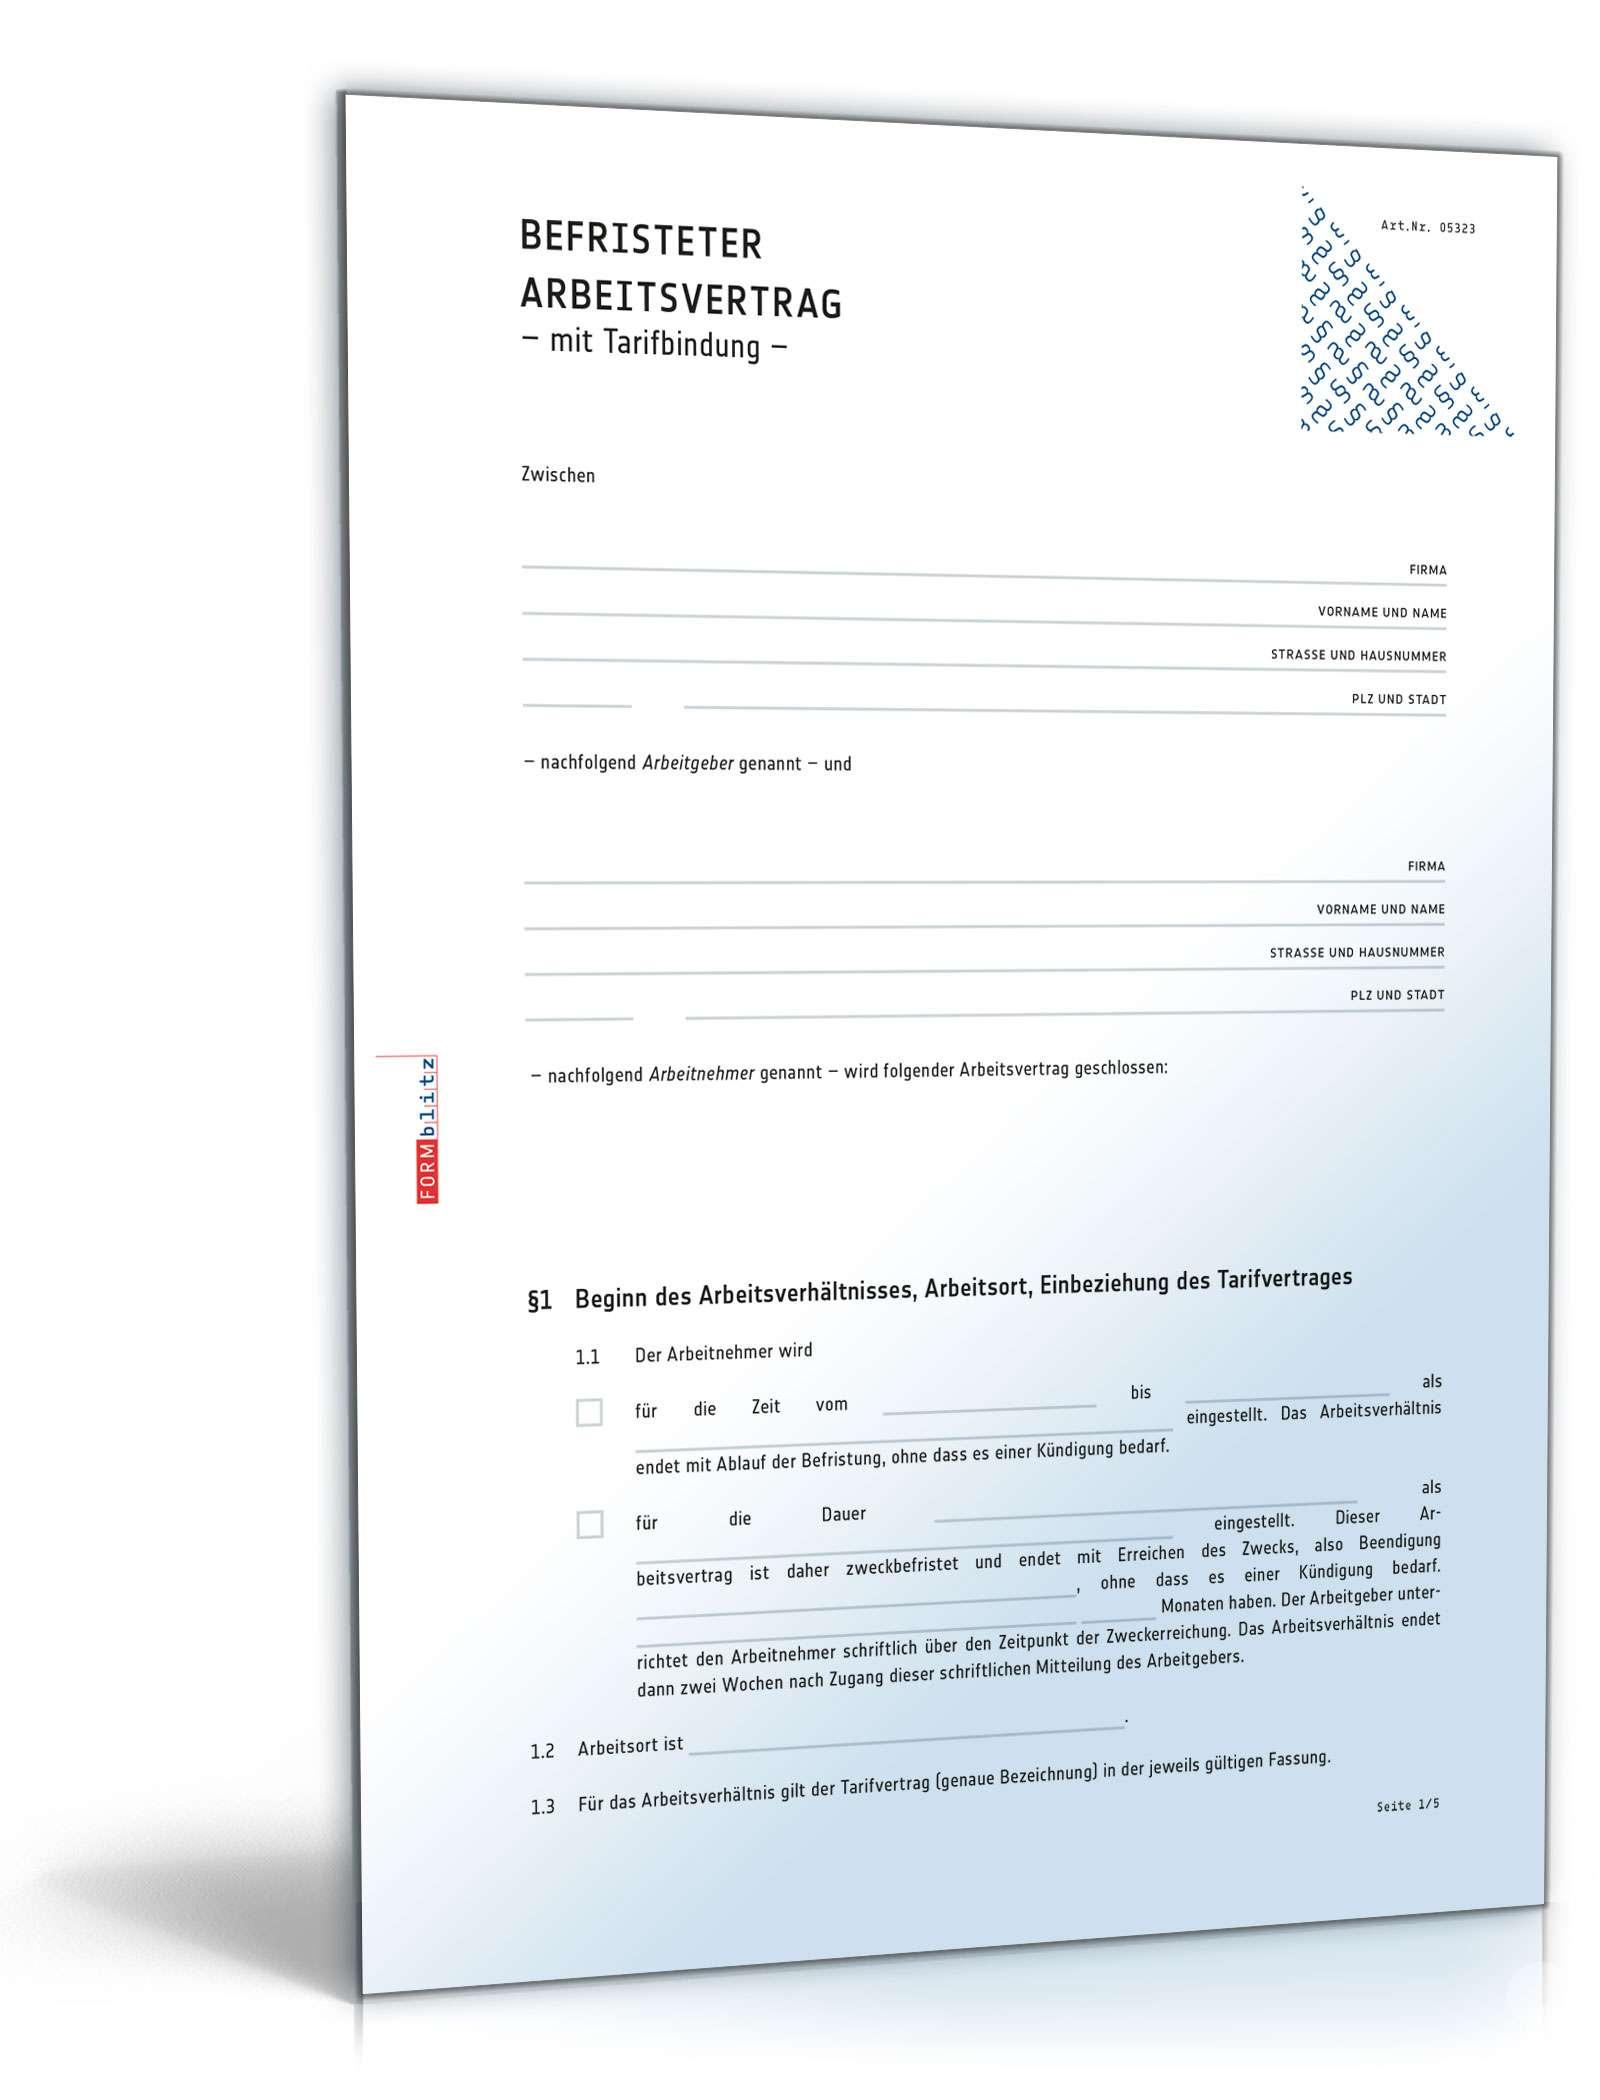 Befristeter Arbeitsvertrag Mit Tarifbindung Muster Zum Download